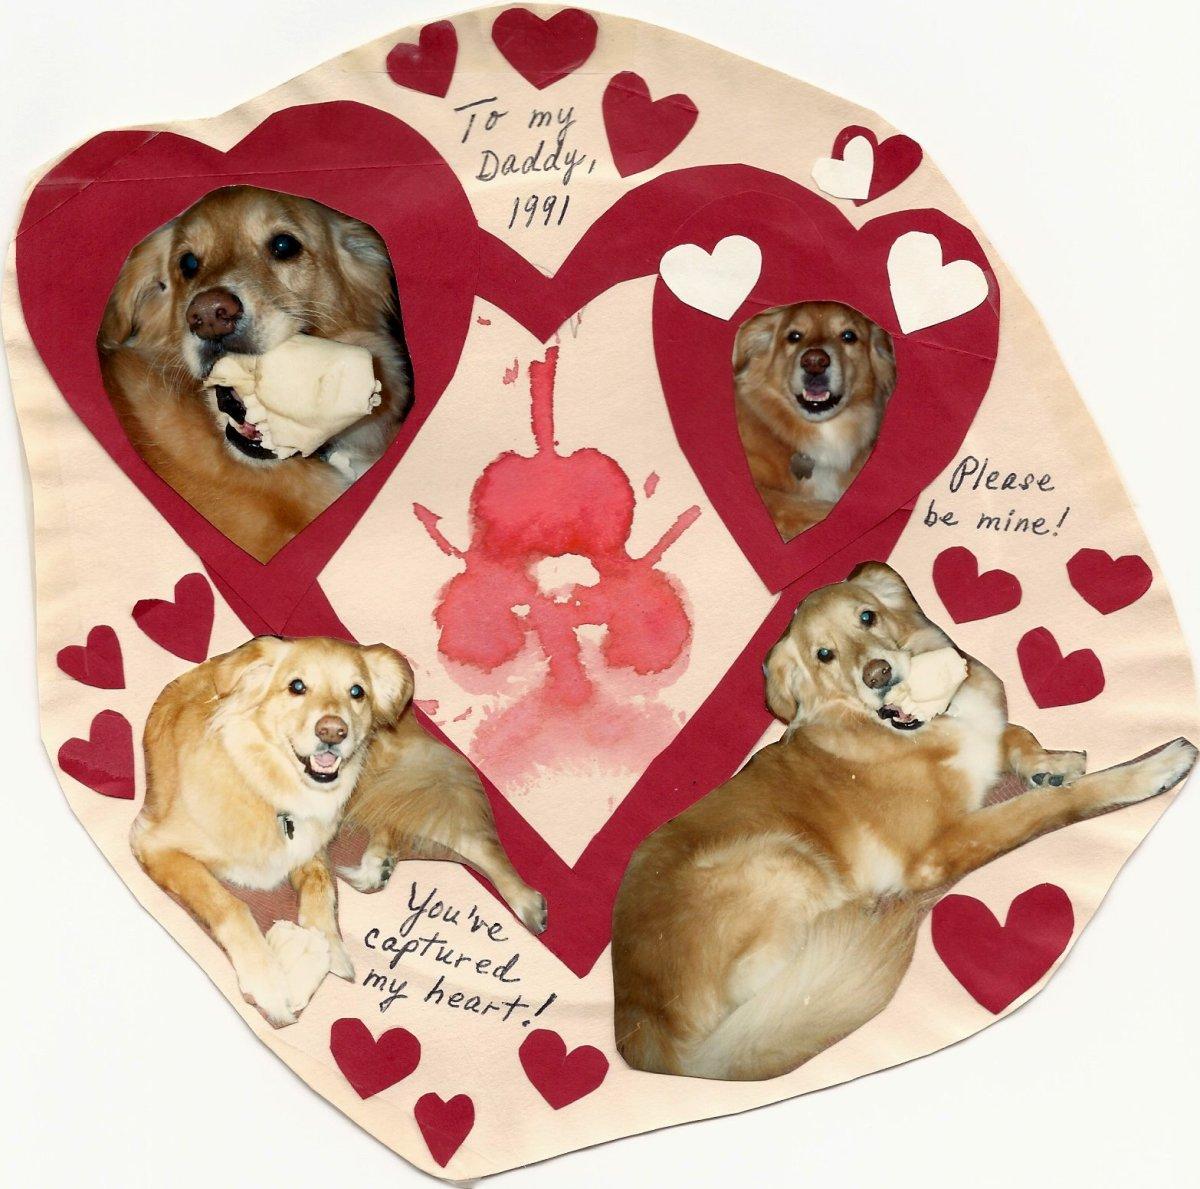 Reggie's Valentine Card with Paw Print